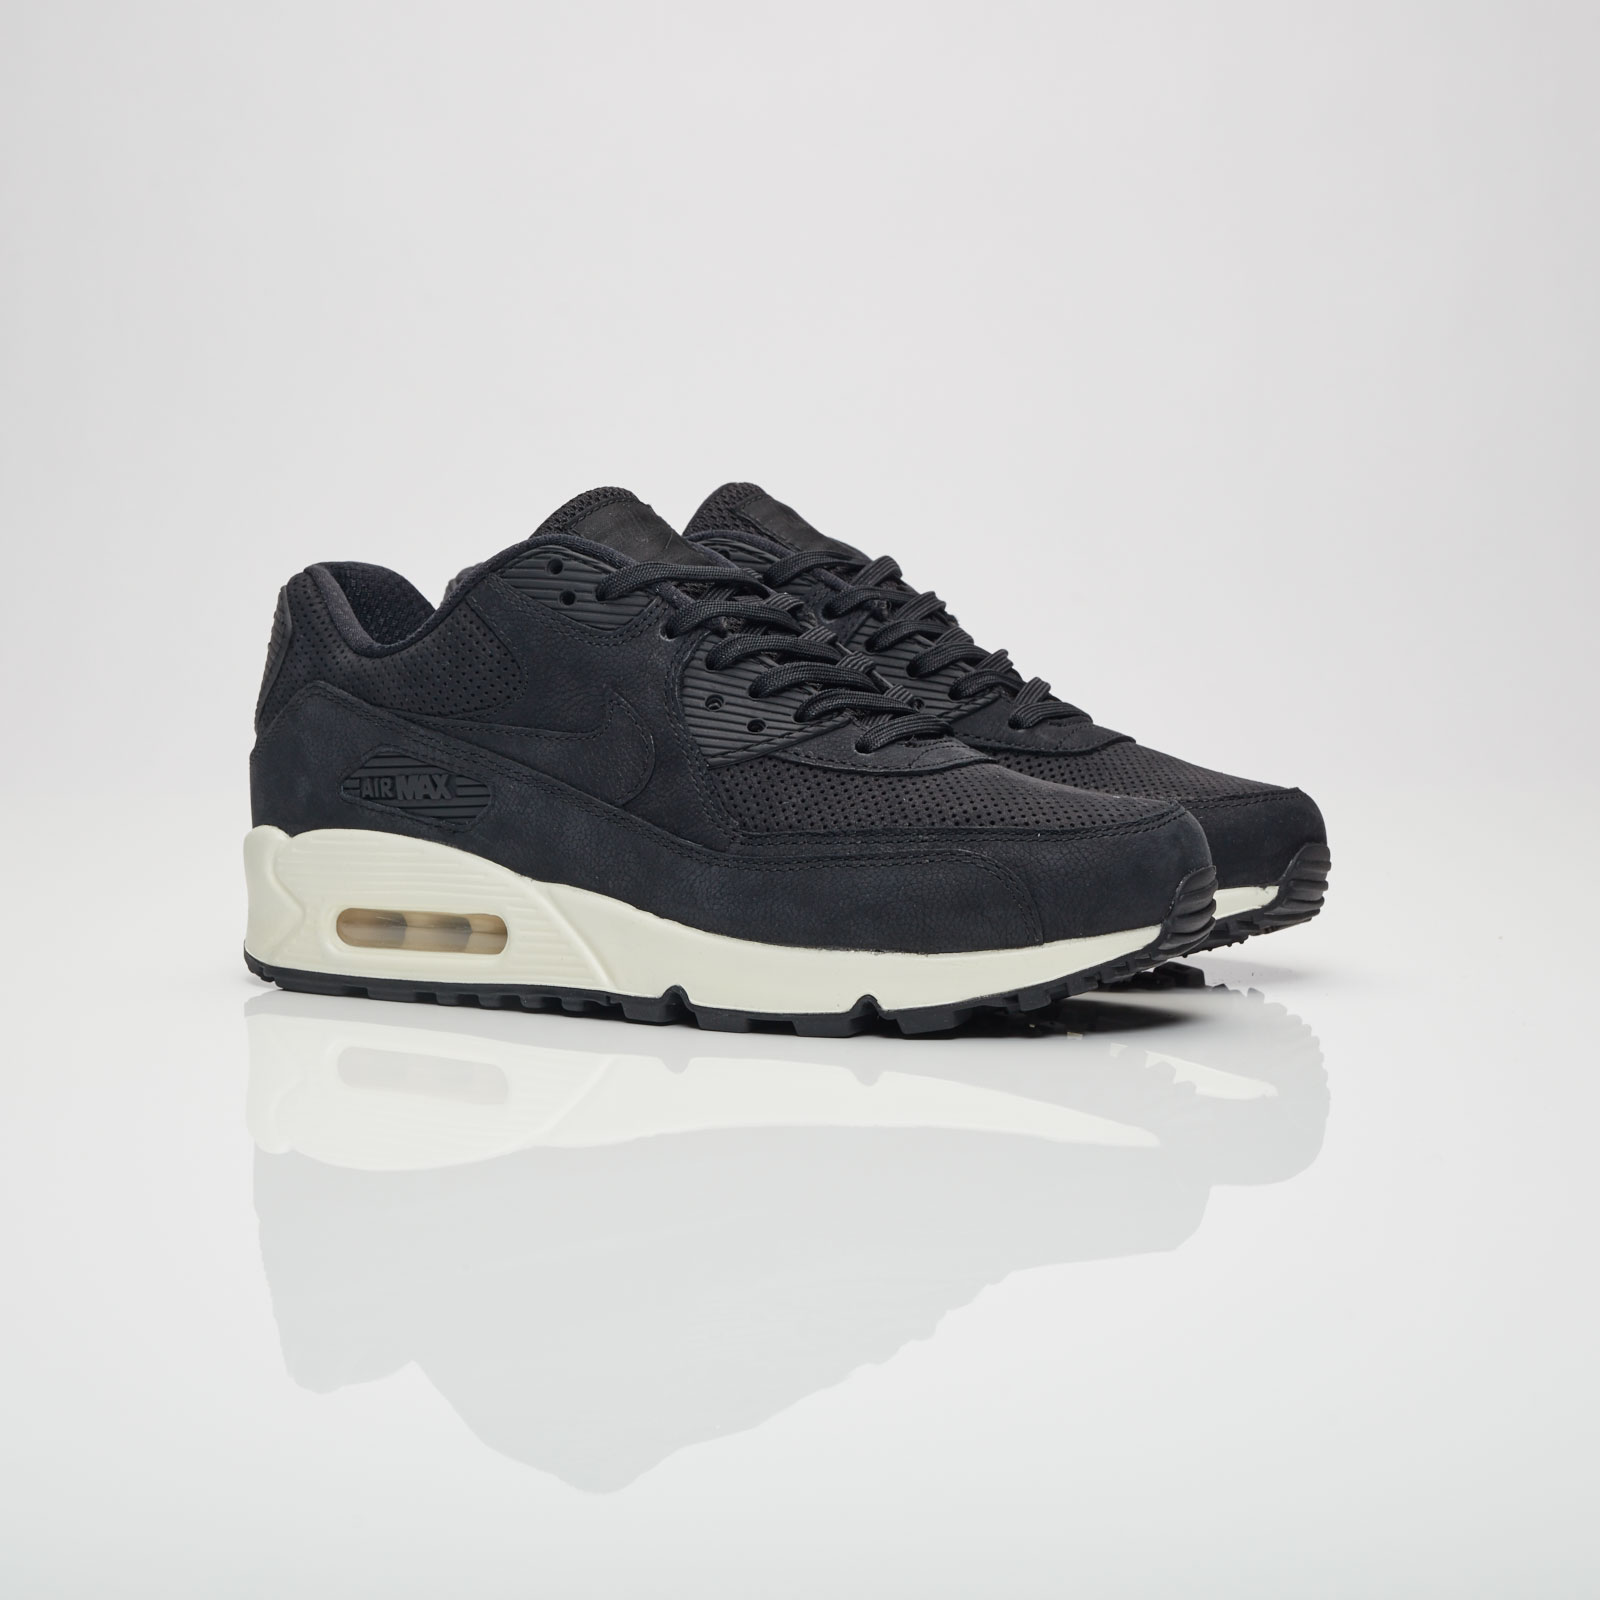 Nike Wmns Air Max 90 Pinnacle 839612 006 Sneakersnstuff